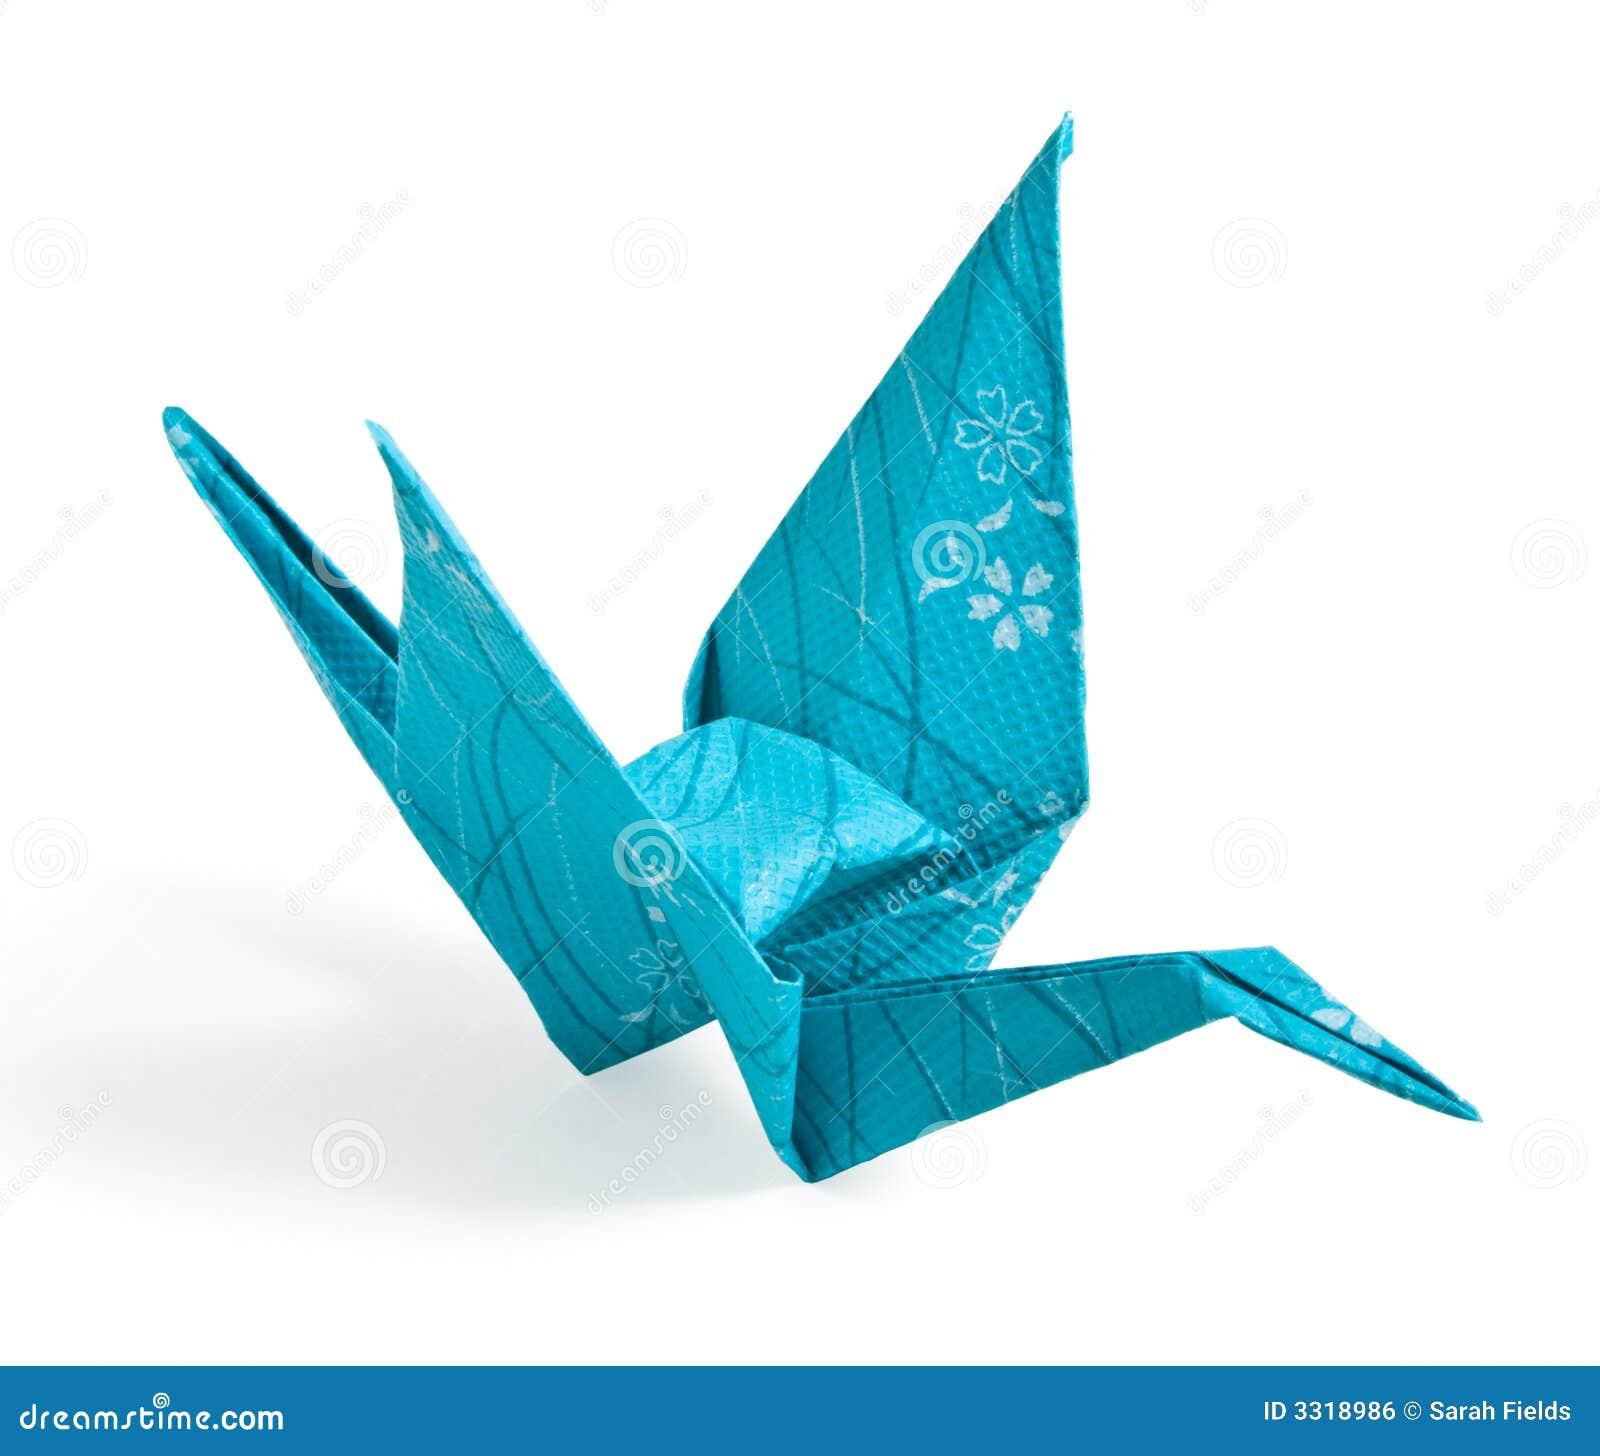 Blue origami paper crane stock photo image of game beak 20953832 blue origami crane royalty free stock image jeuxipadfo Images